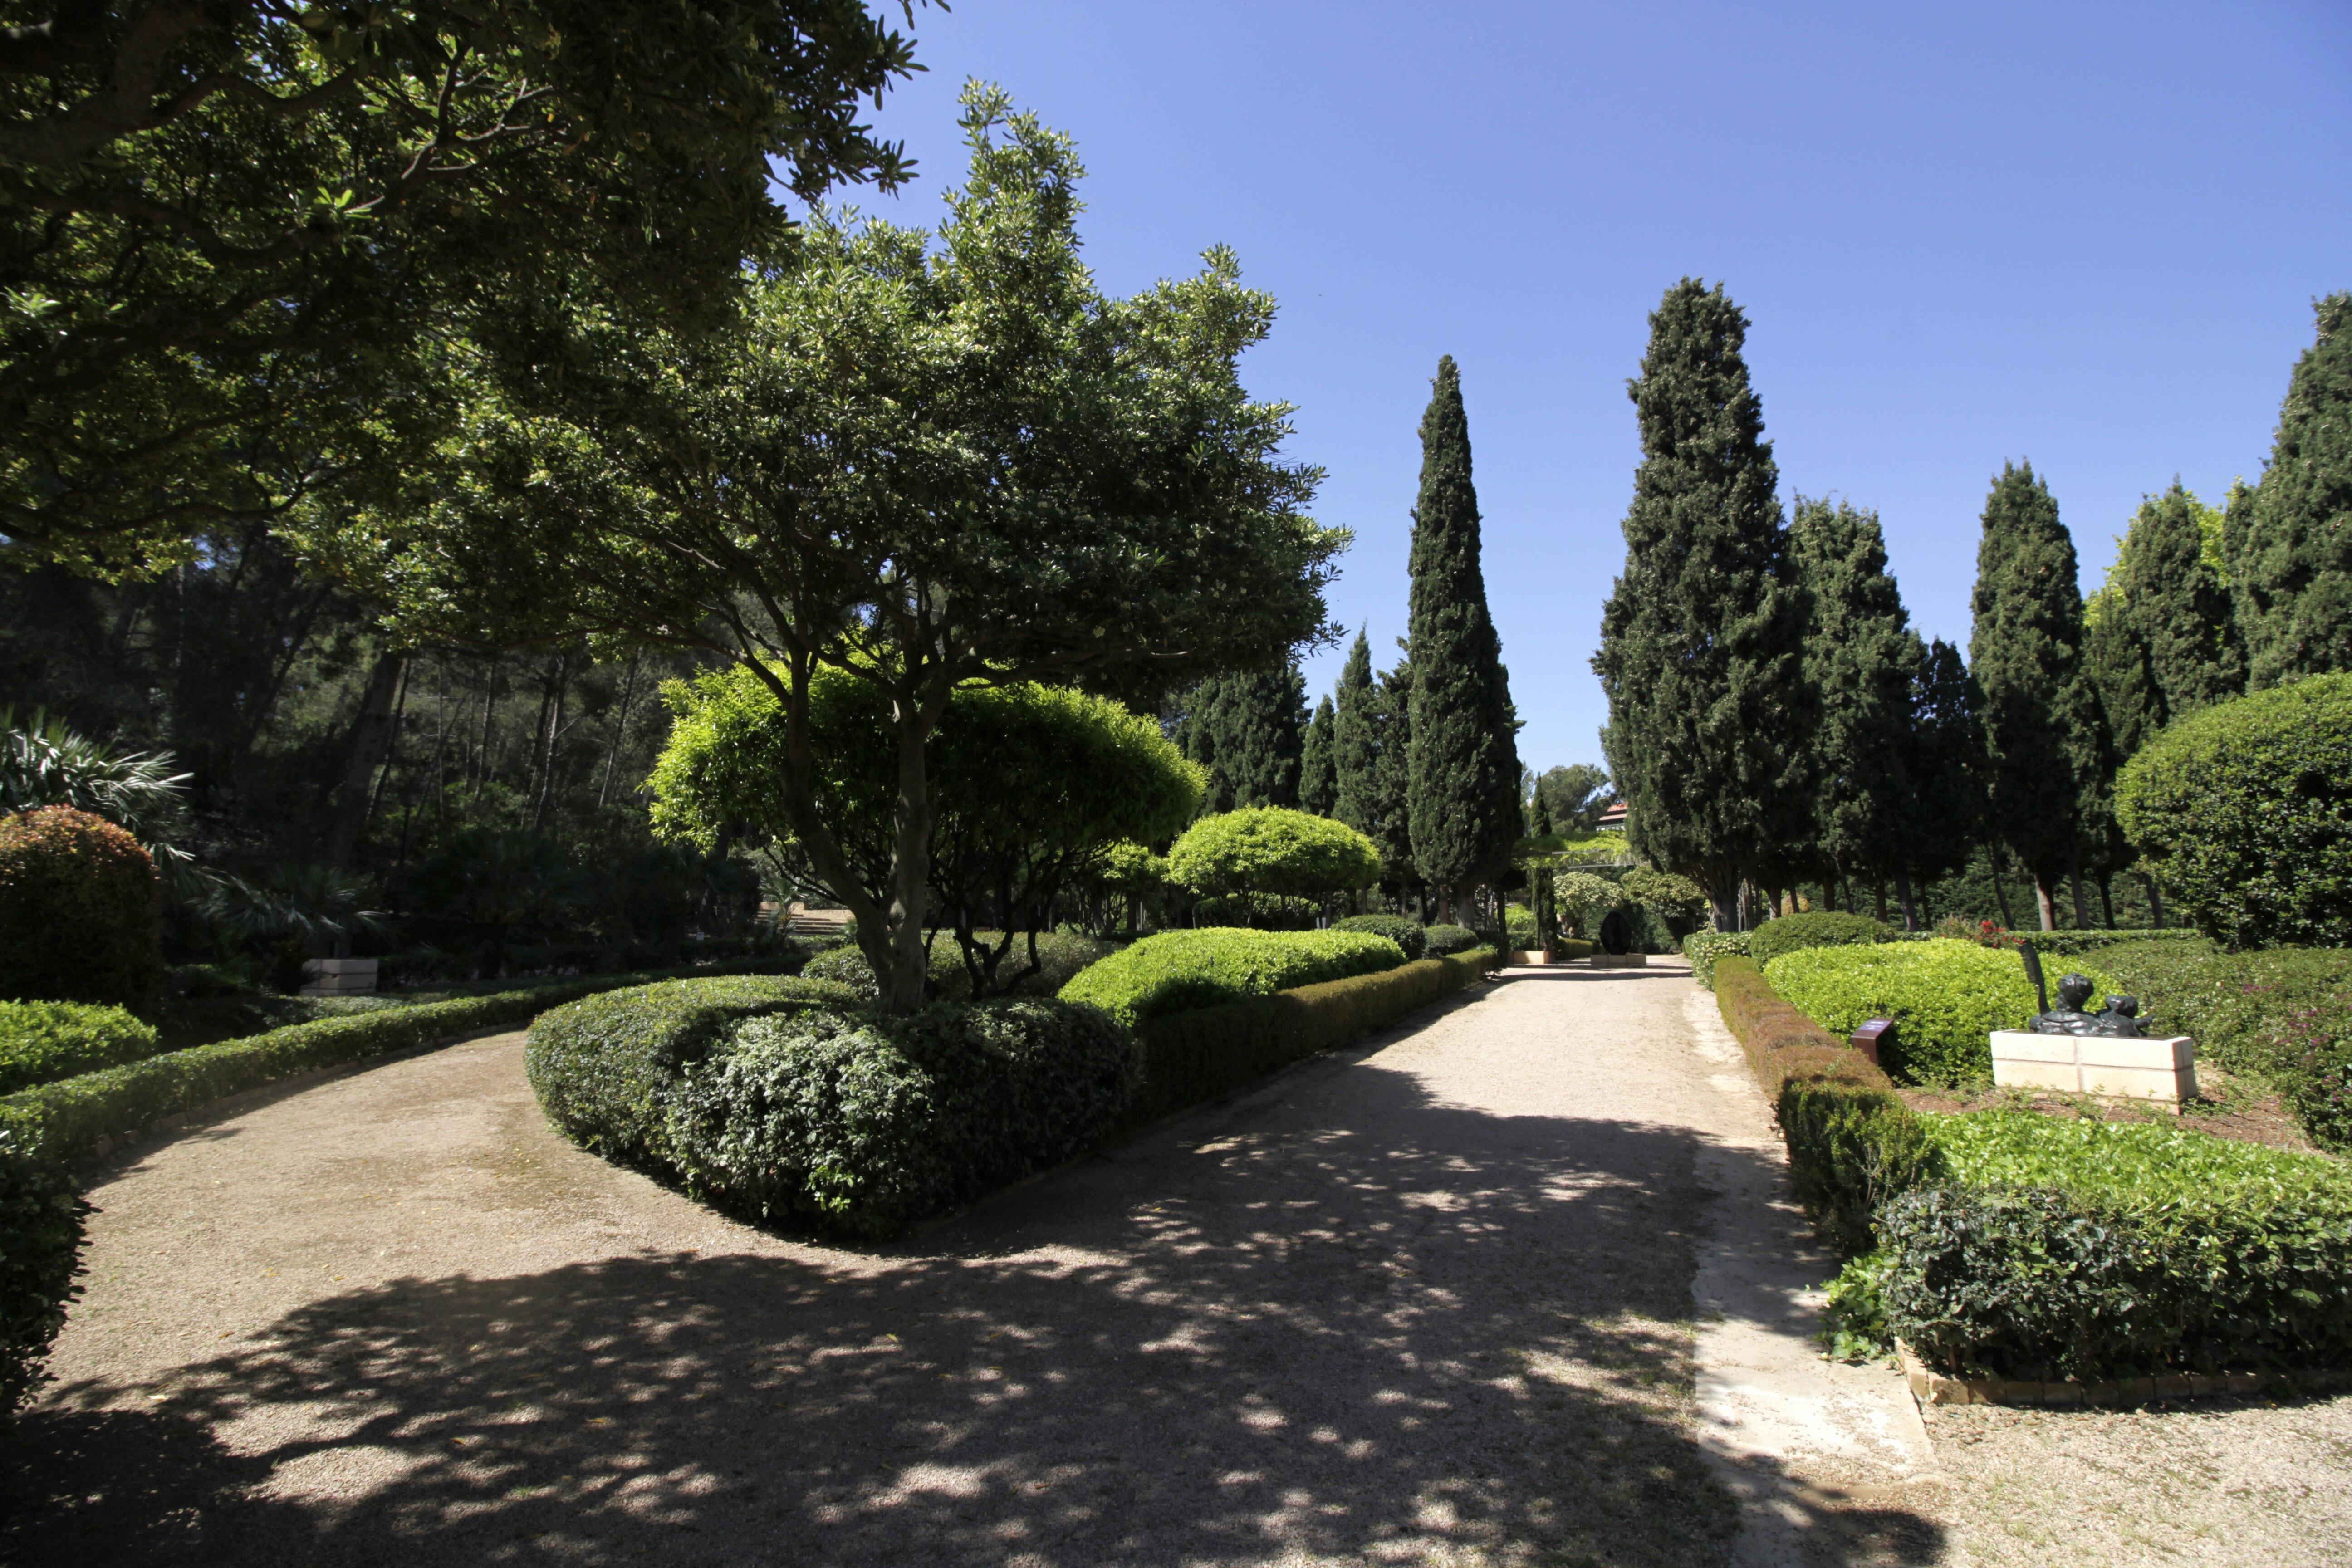 Els jardins del palau de Marivent obriran al públic el proper 2 de maig. / EFE - J. GRAPELLI